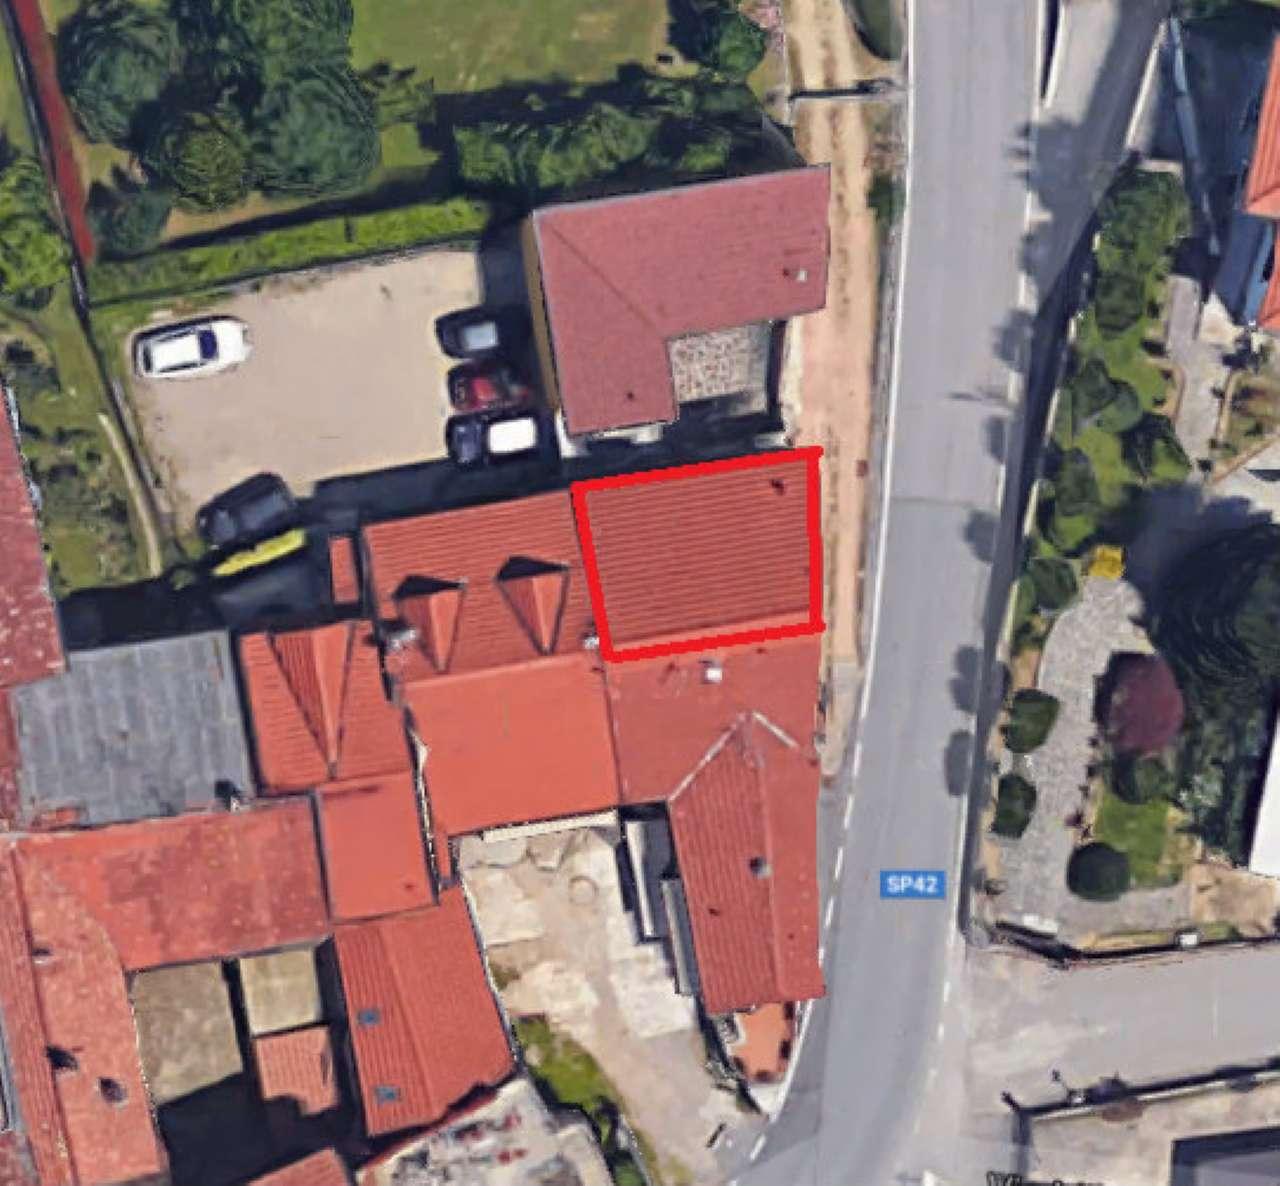 Appartamento in vendita a Castelseprio, 3 locali, prezzo € 78.000 | Cambio Casa.it